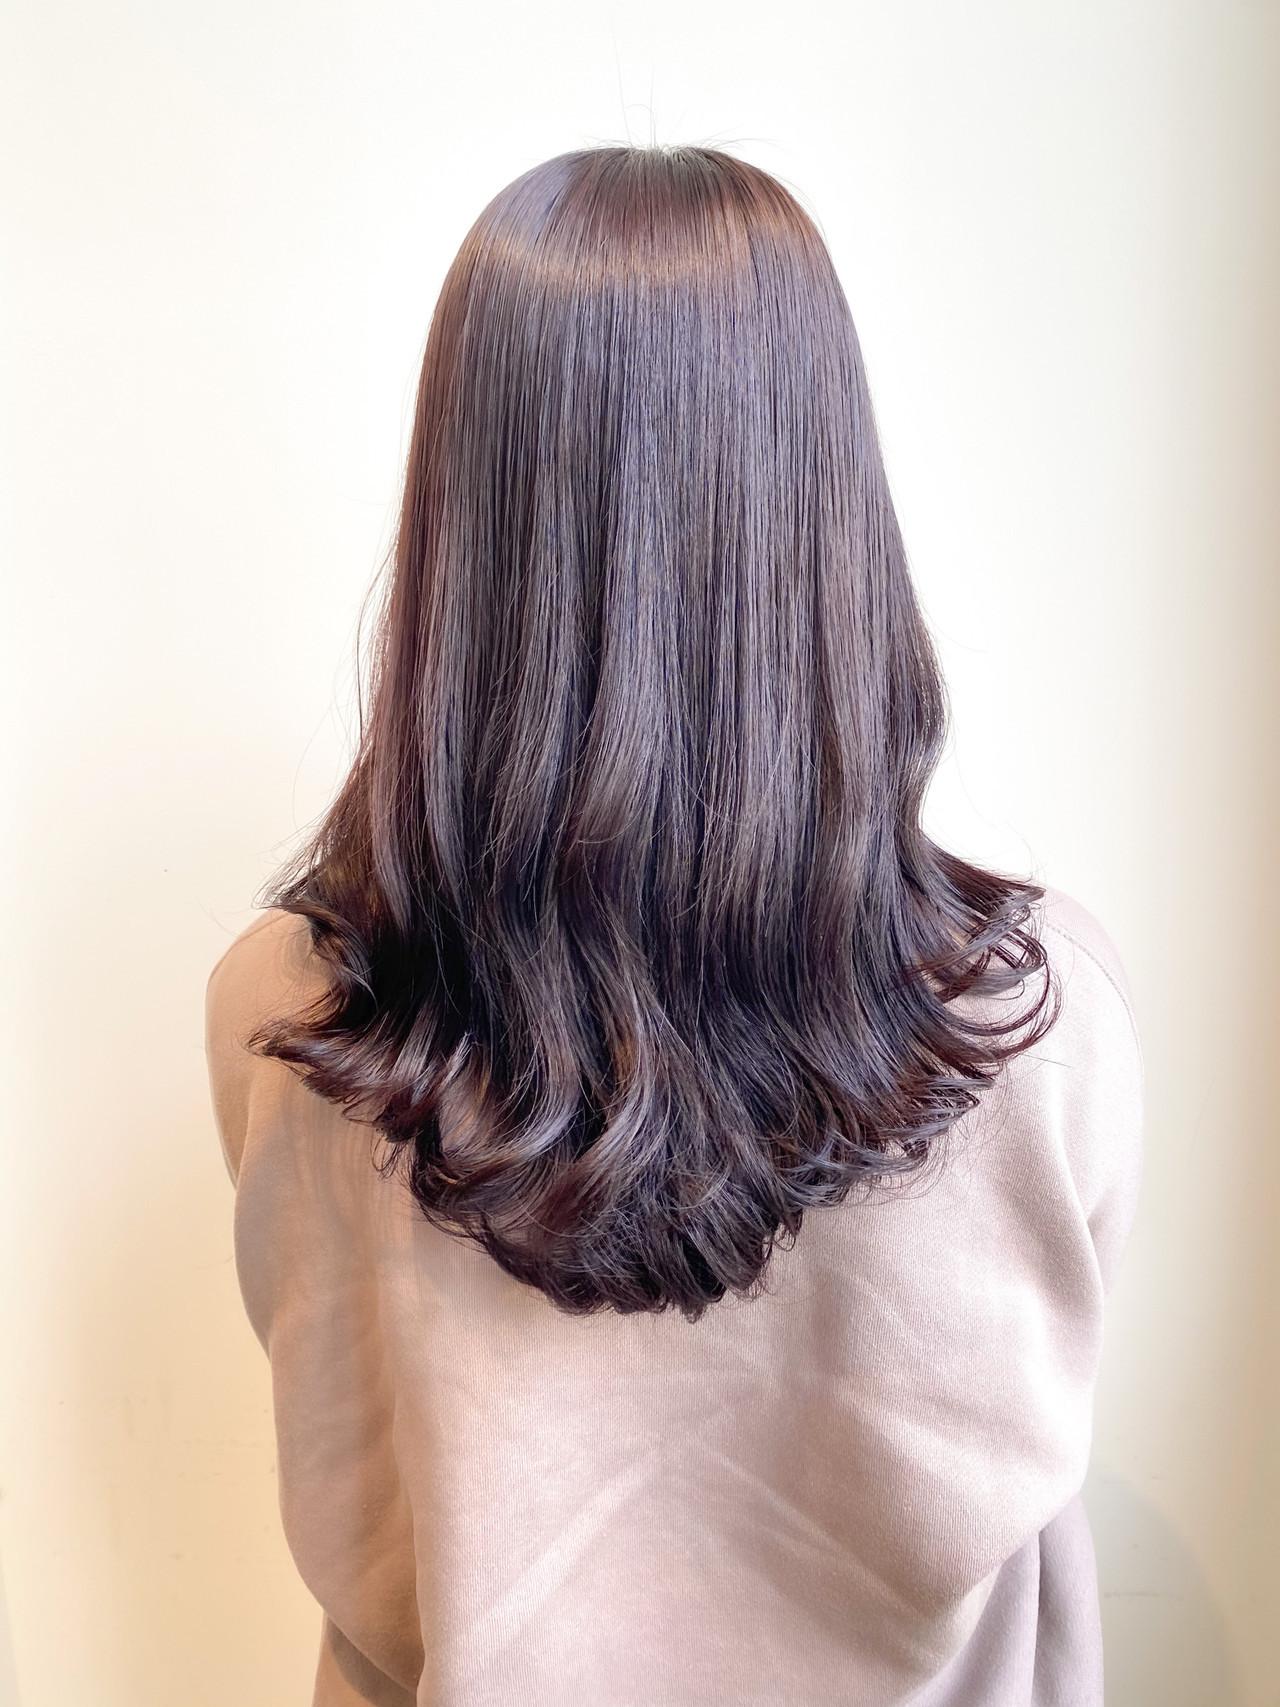 春色 セミロング ピンクラベンダー ブリーチなし ヘアスタイルや髪型の写真・画像